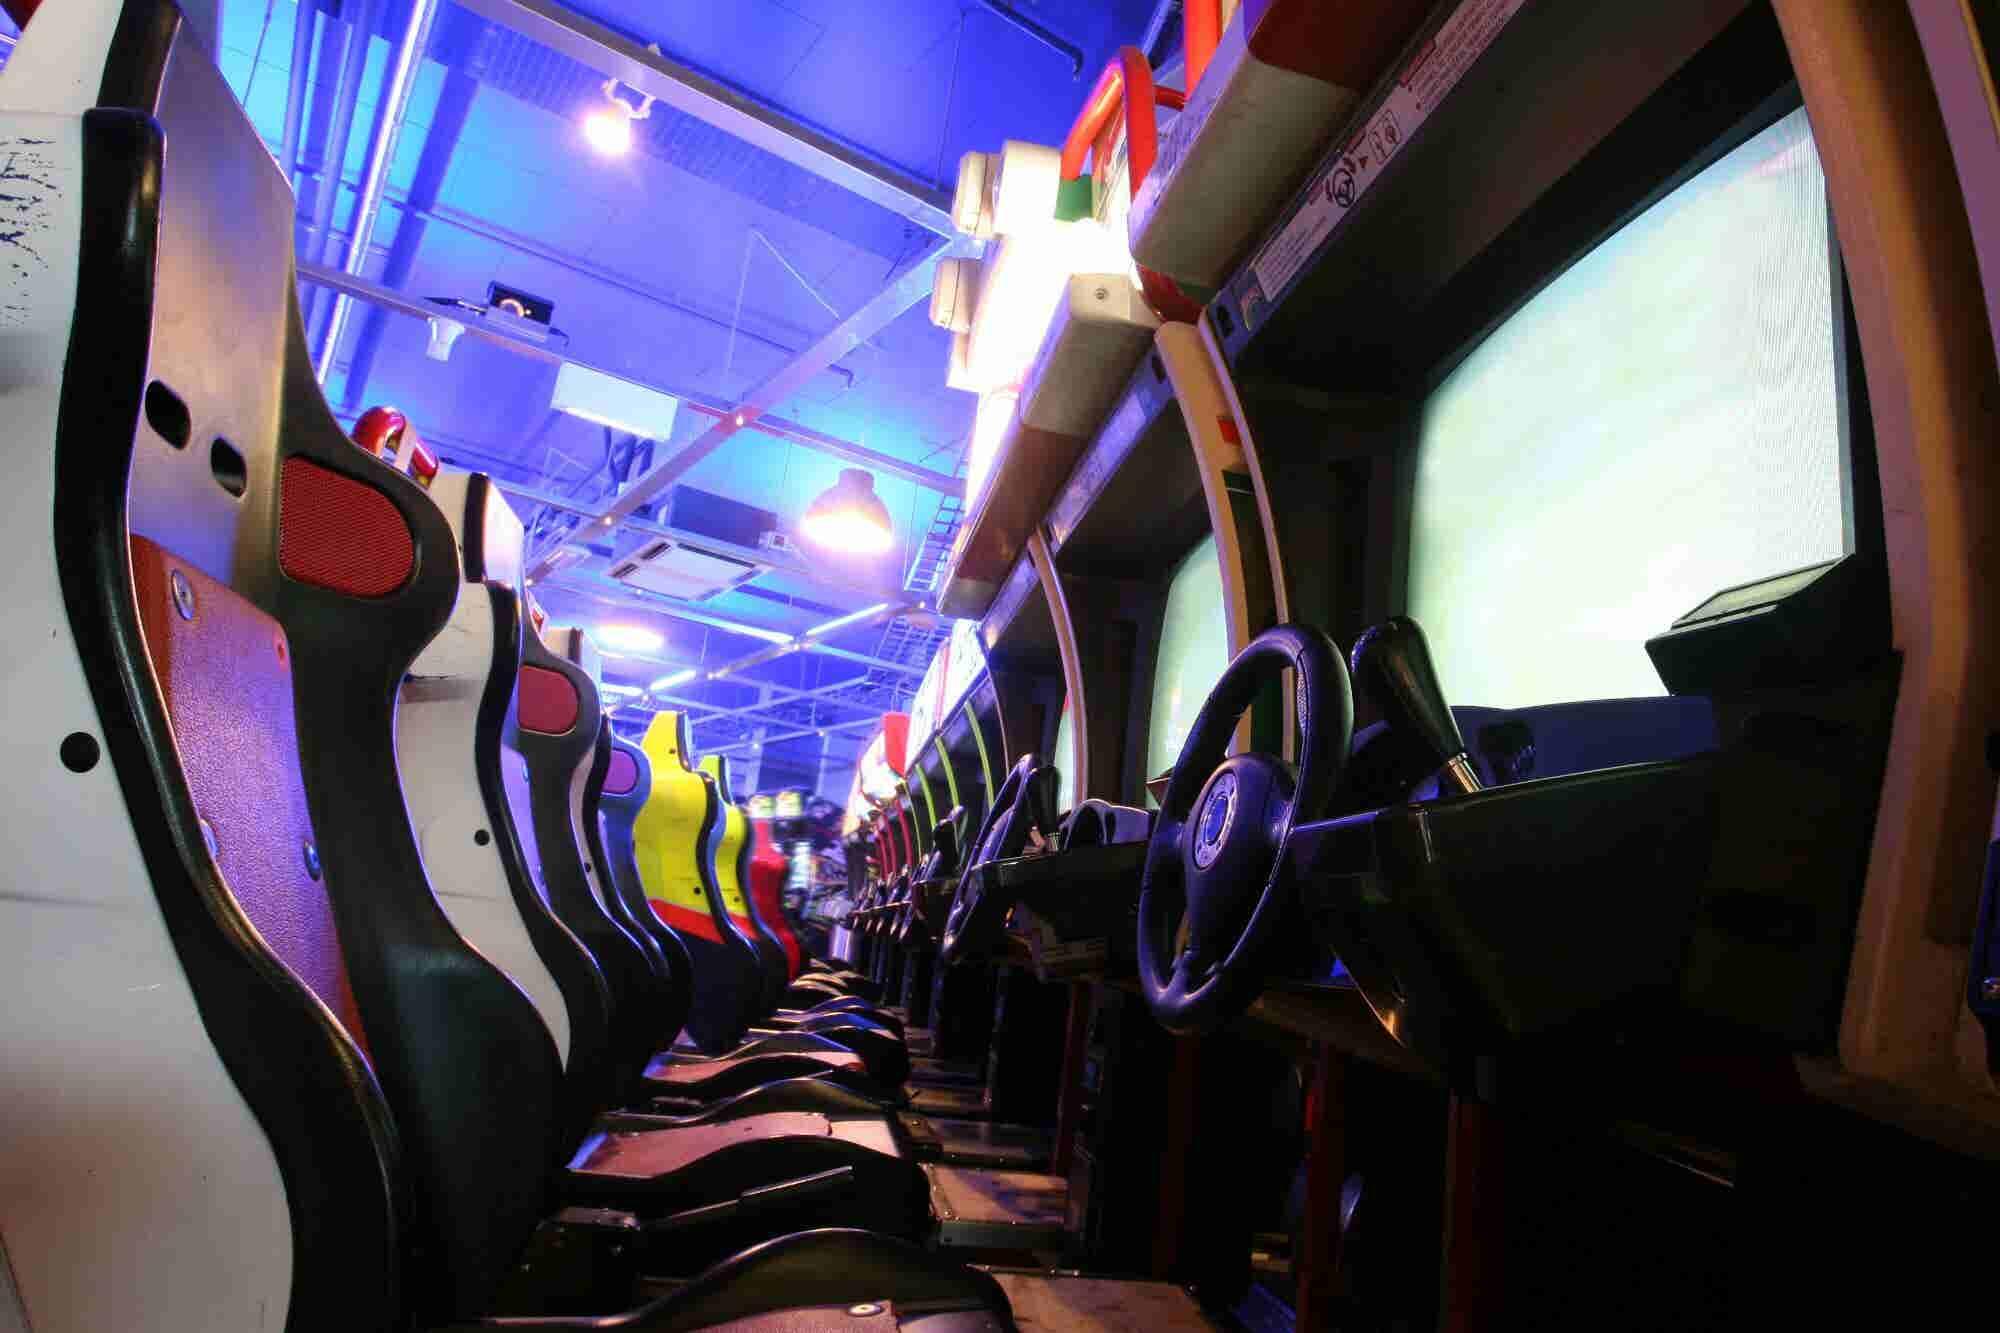 ¿Quieres conquistar a los millennials? Apuesta por el modelo retro de un arcade bar